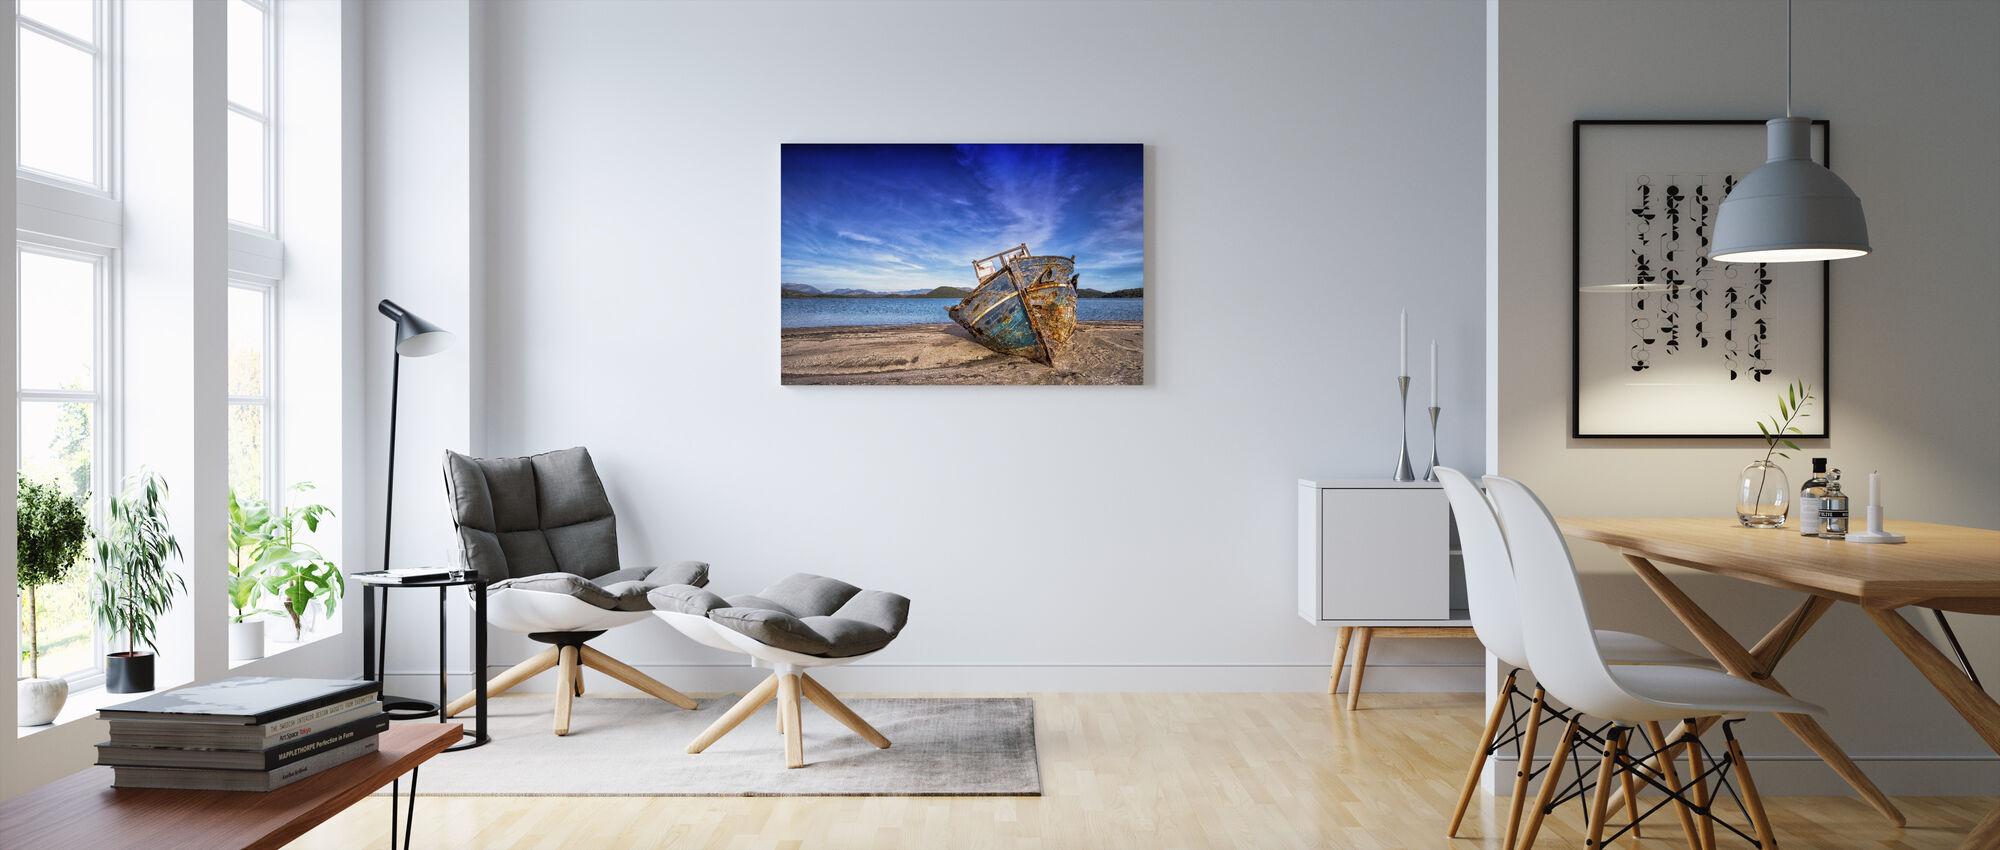 Altes Boot - Leinwandbild - Wohnzimmer